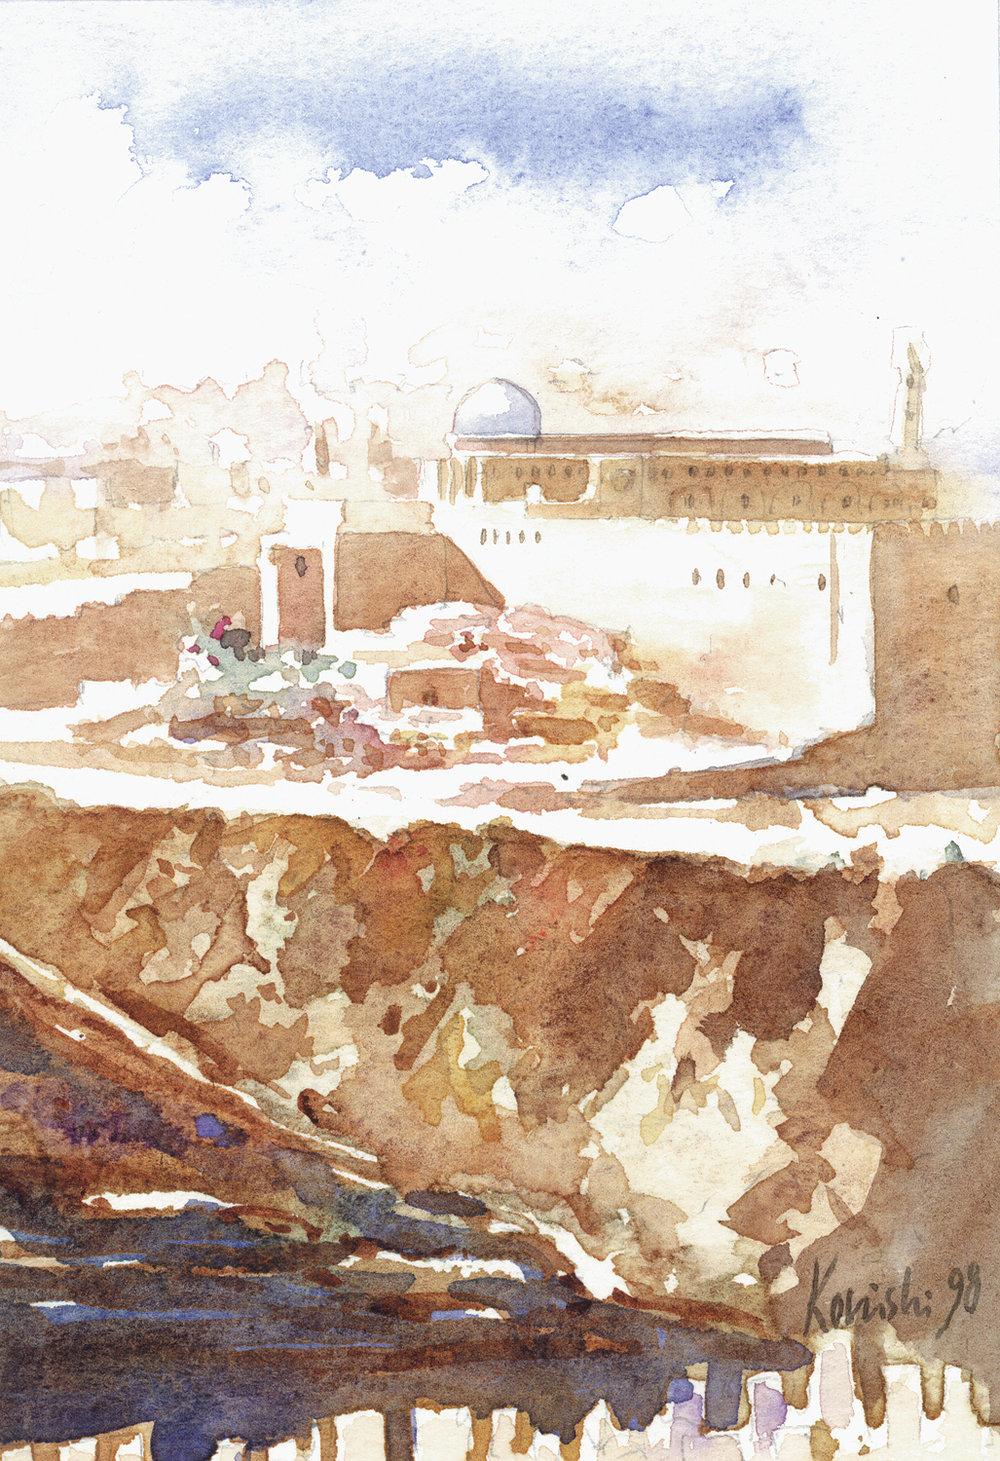 Jerusalem from the Jericho Road